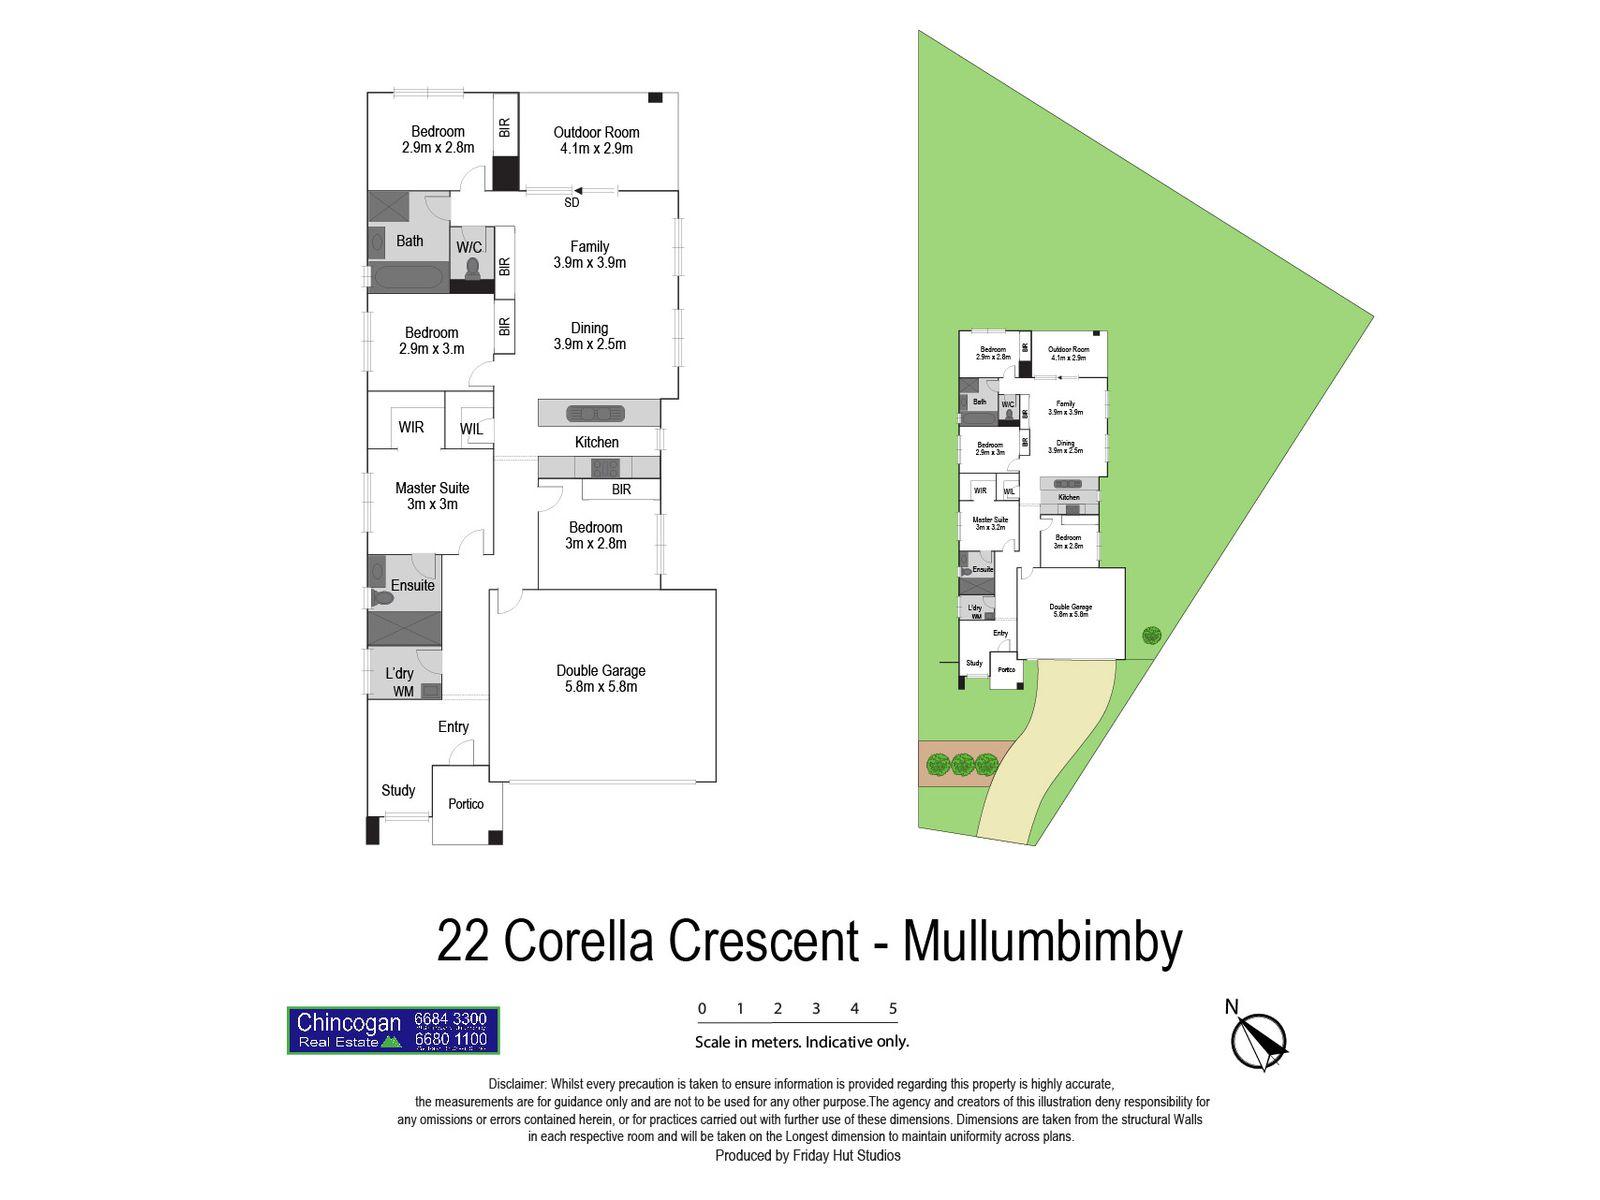 22 Corella Crescent, Mullumbimby